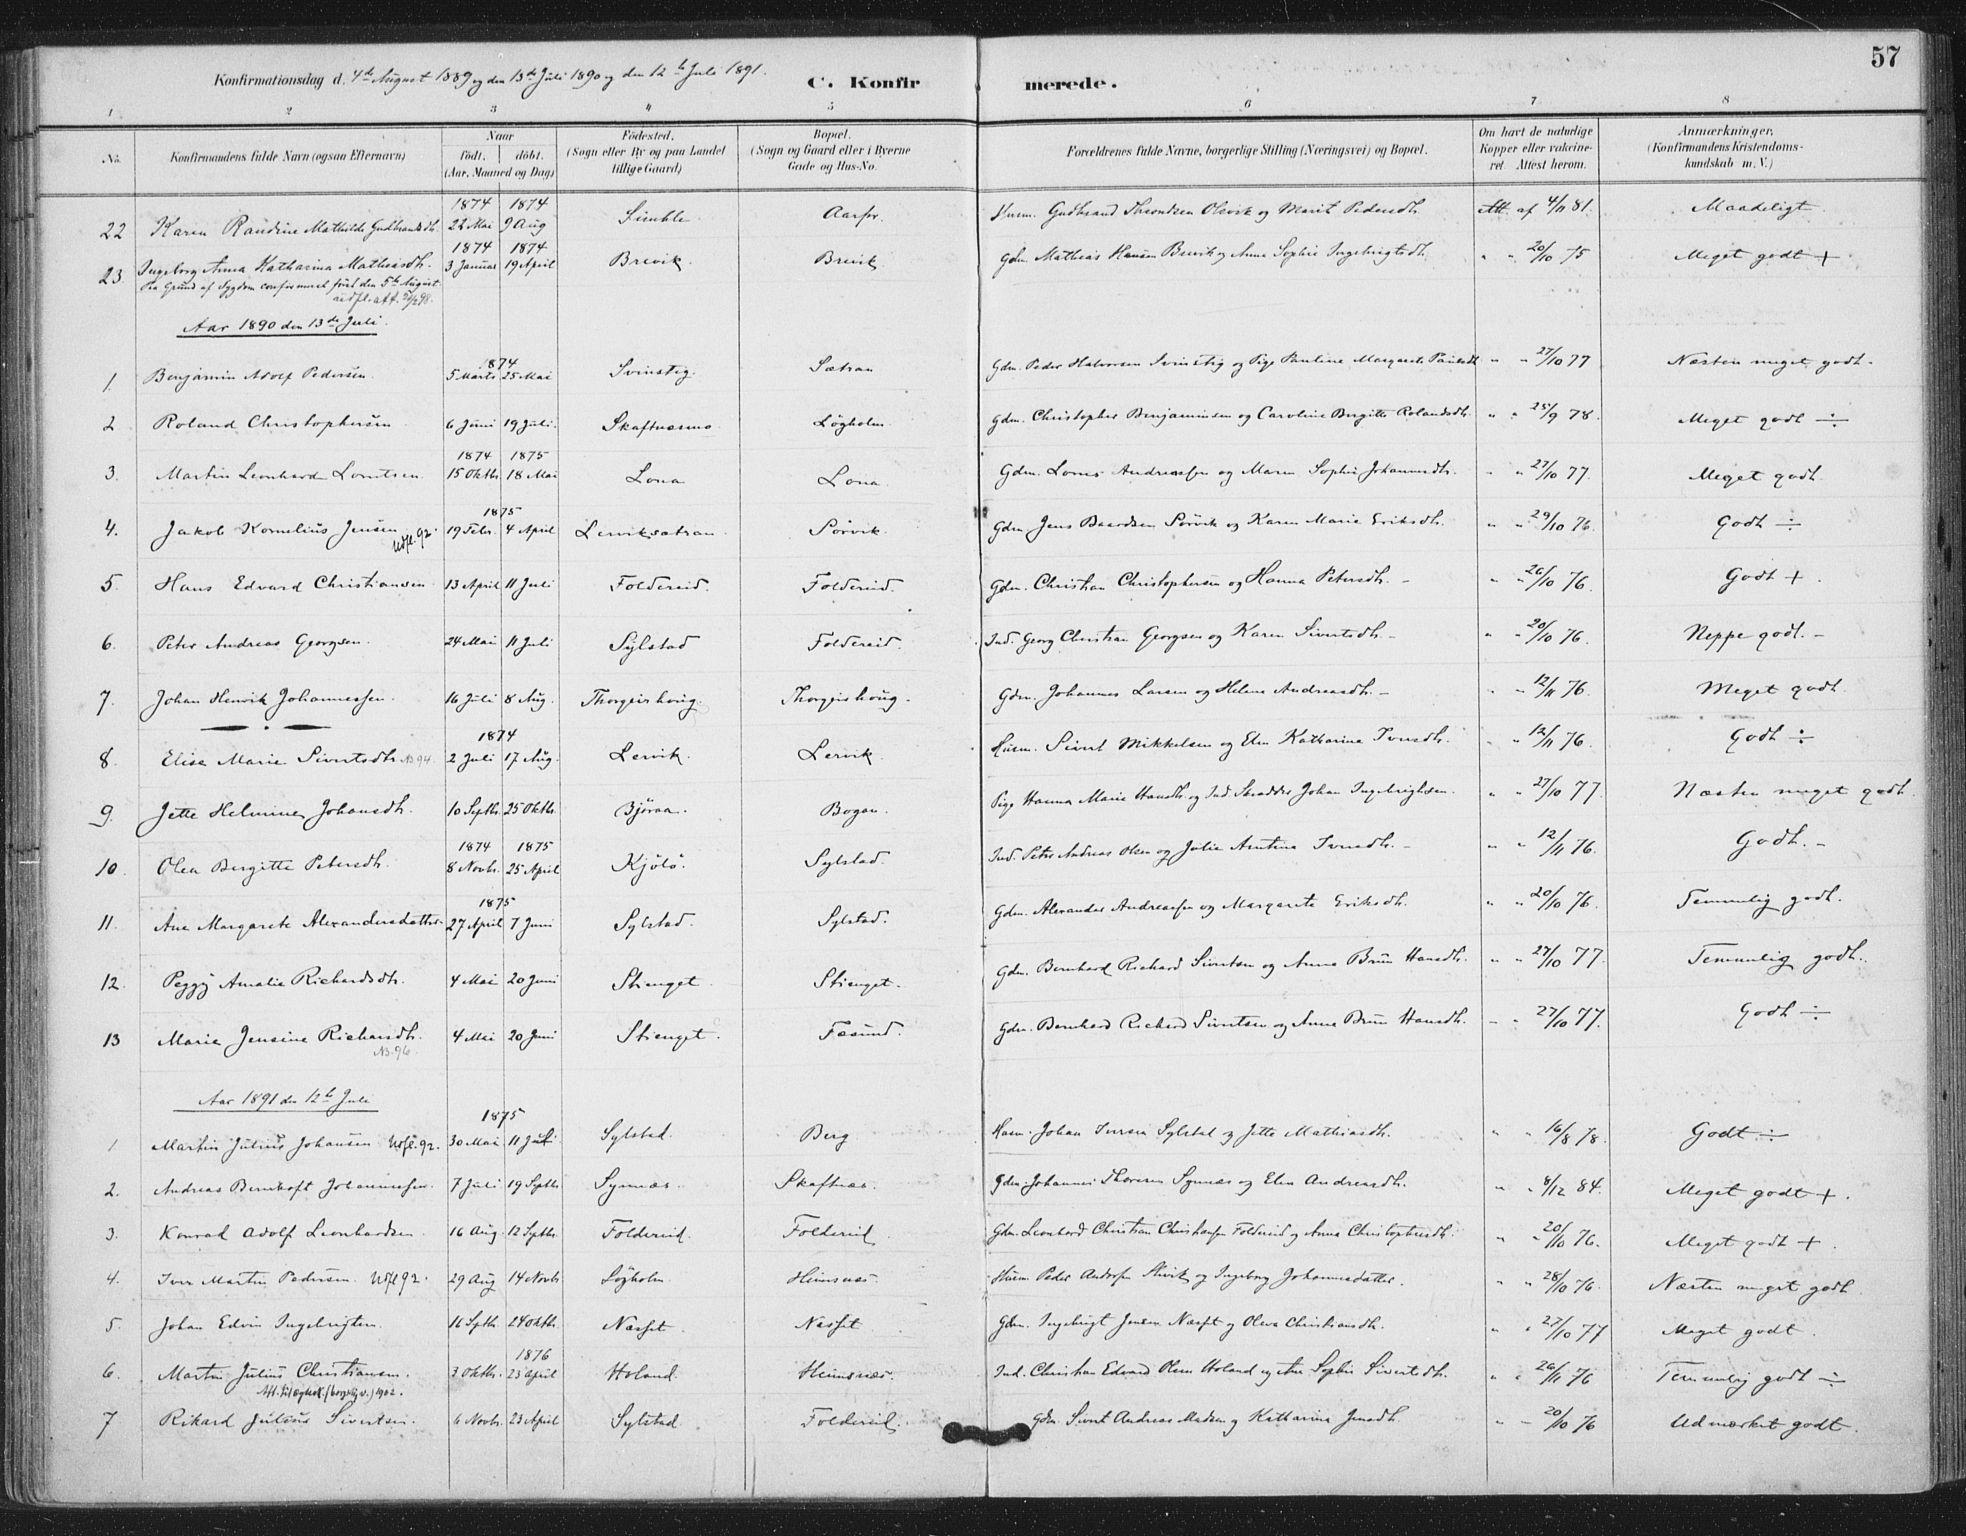 SAT, Ministerialprotokoller, klokkerbøker og fødselsregistre - Nord-Trøndelag, 783/L0660: Ministerialbok nr. 783A02, 1886-1918, s. 57